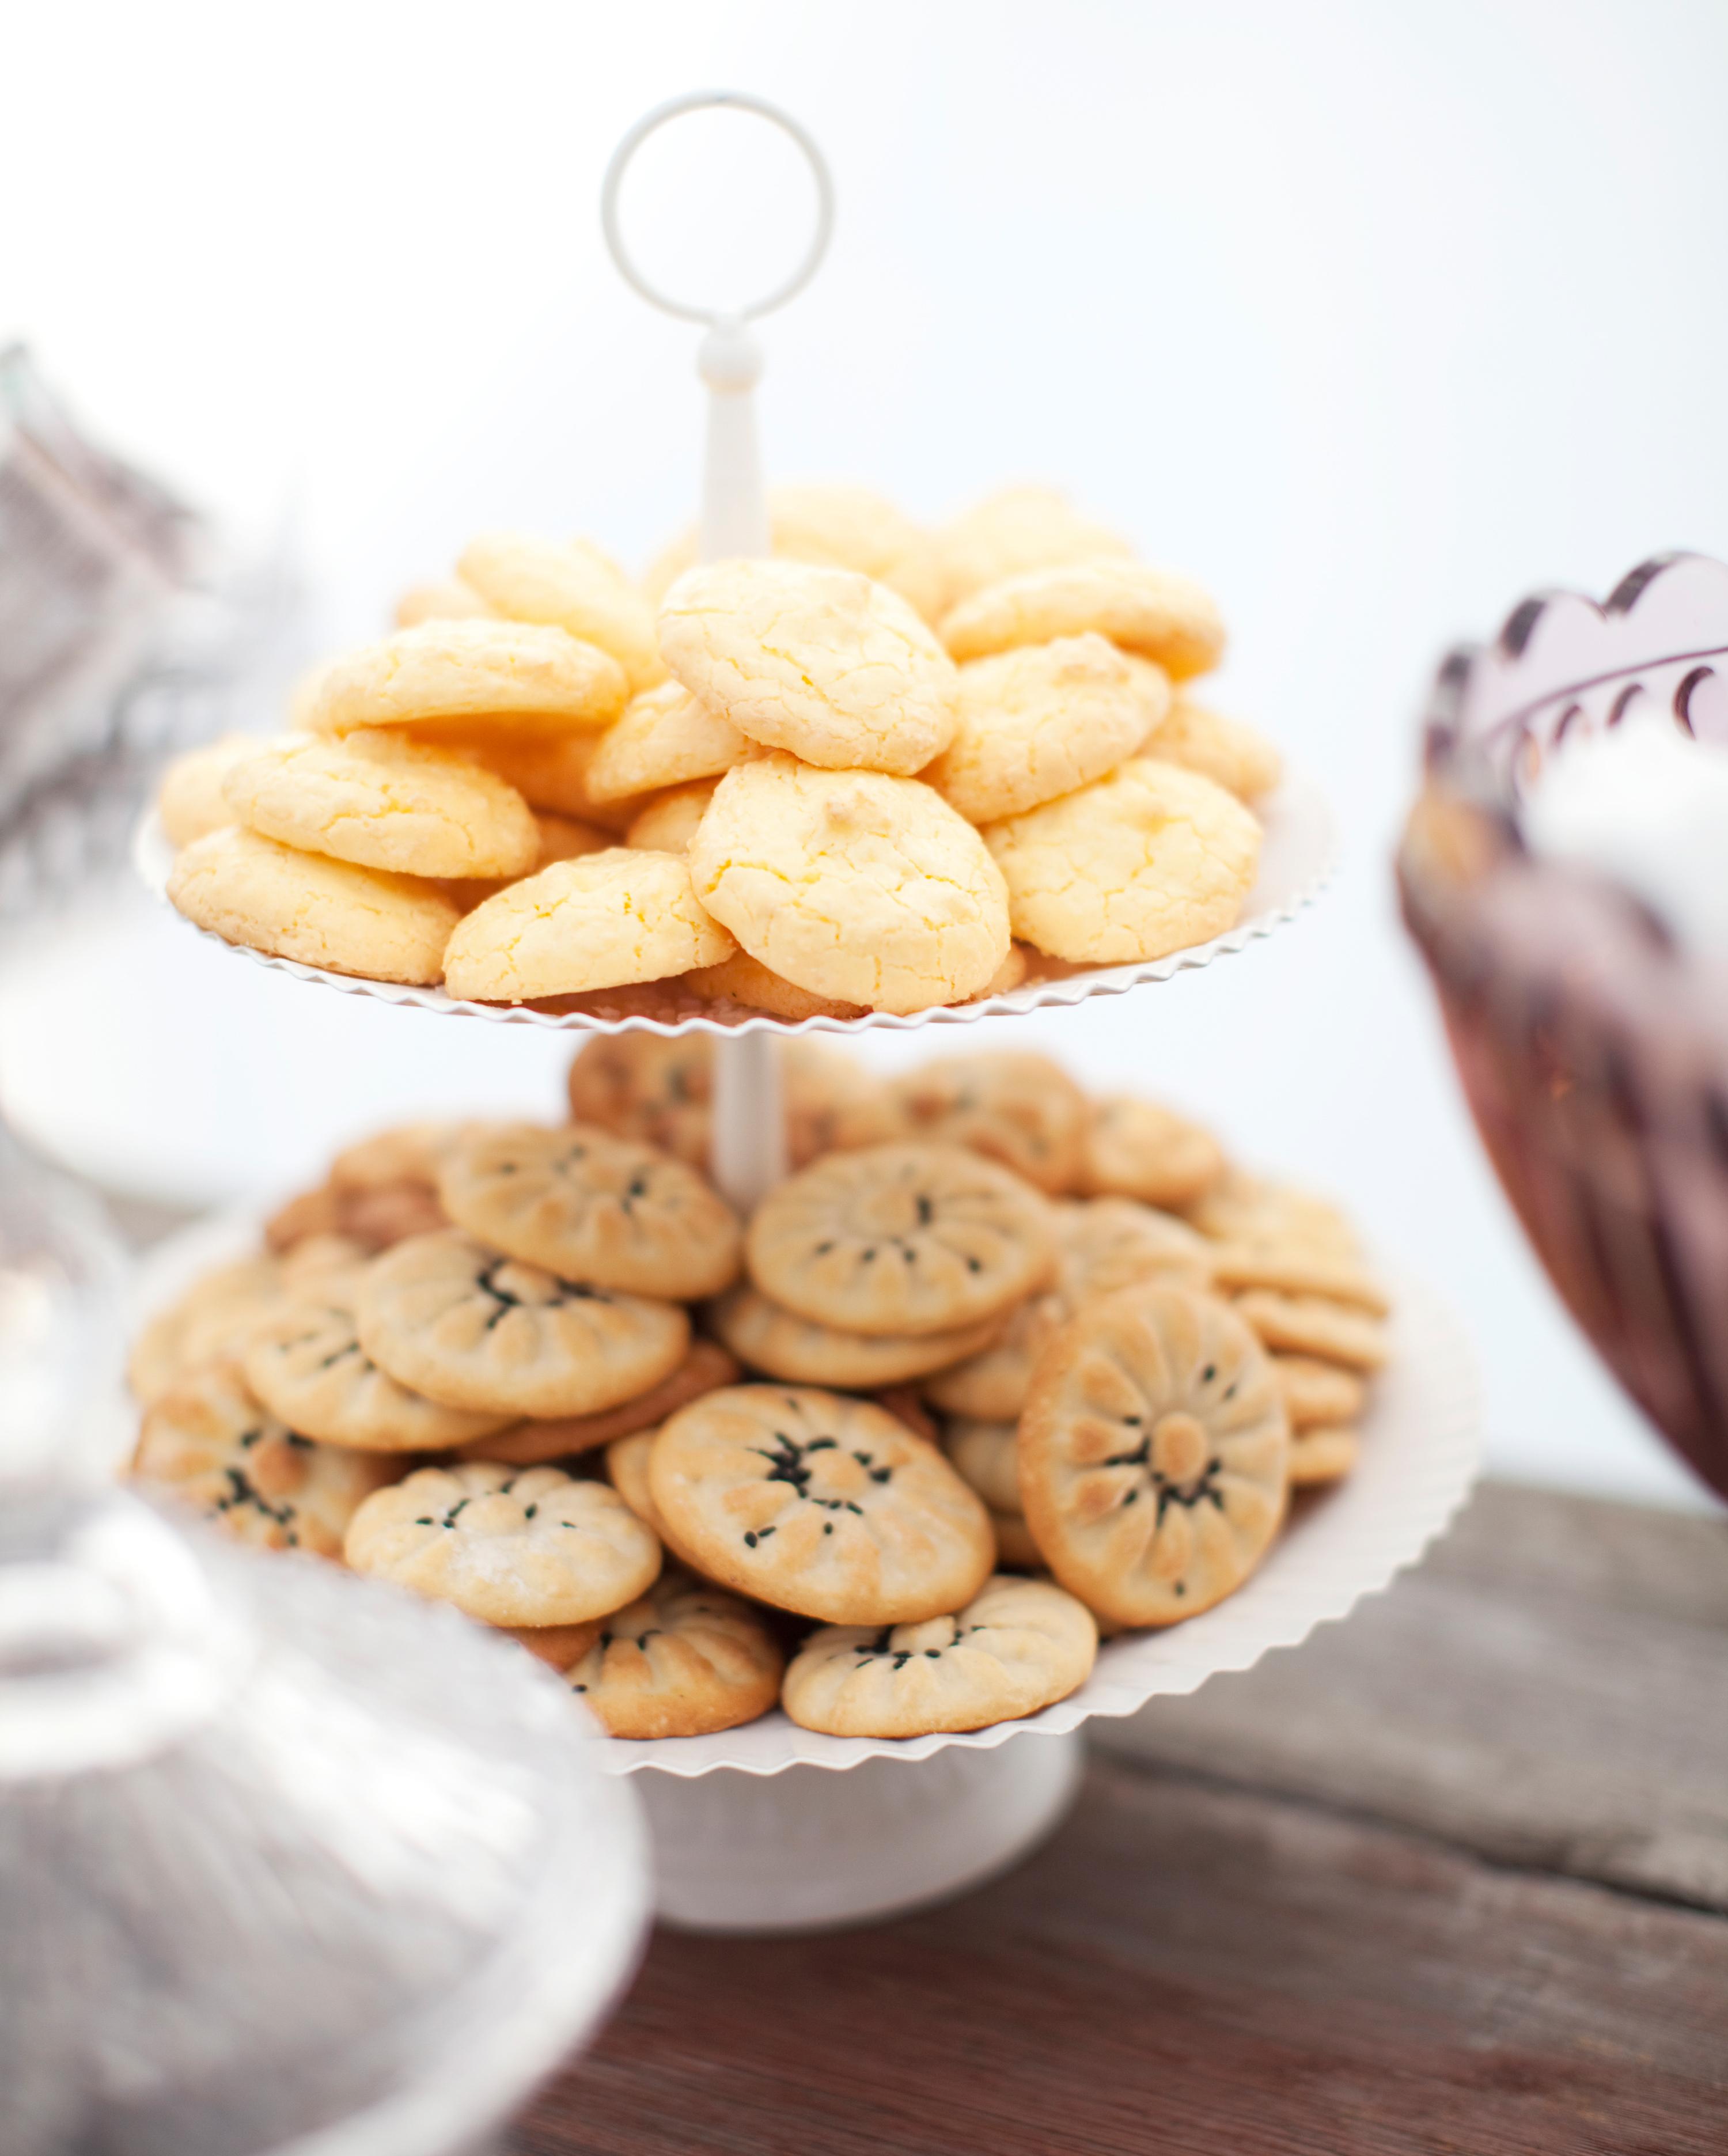 negin-chris-wedding-cookies-0556-s112116-0815.jpg